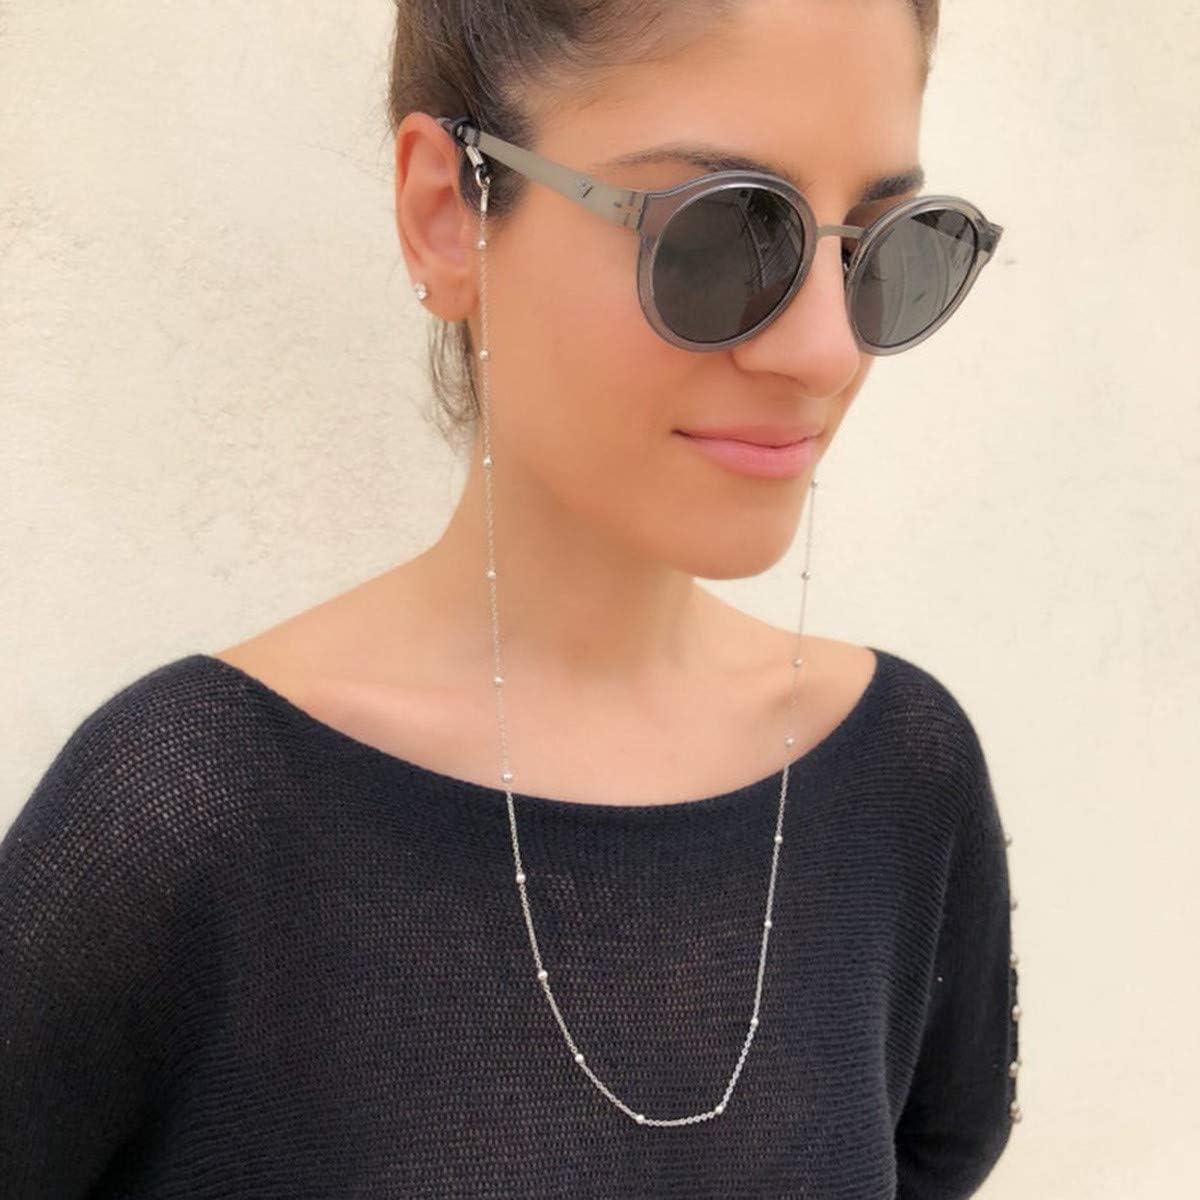 Gold Europa und den Retro Brille Kette Tragen Schmuck in Mode Literarischen Damen Perlen H/ängenden Hals Brille Schneeketten Winkey Brille Kette